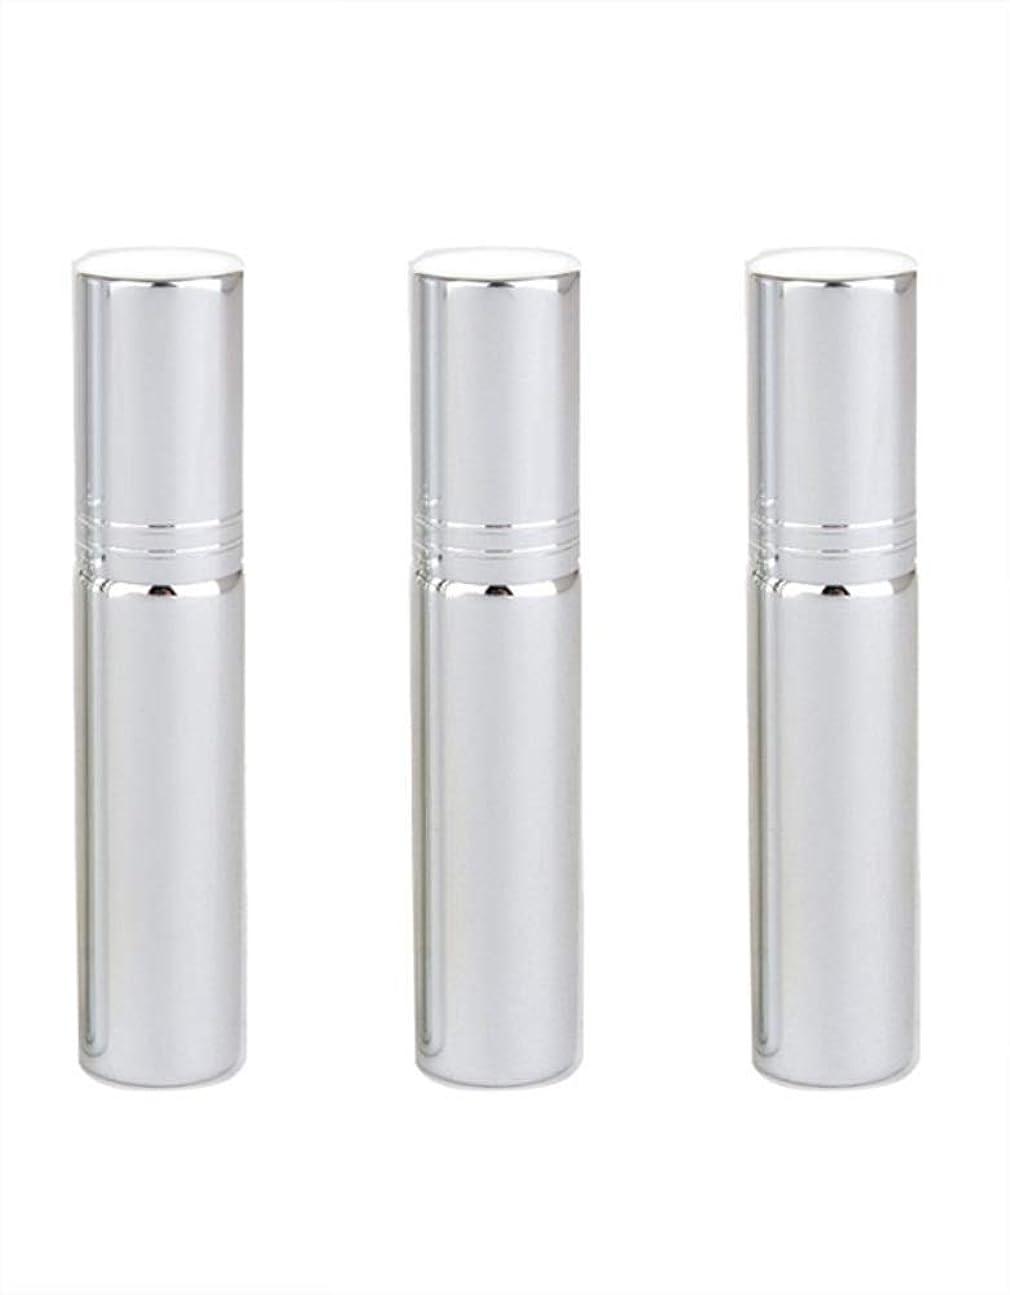 アカウントシンポジウム領域Simg アトマイザー グラスアトマイザー 香水ボトル スプレーボトル 詰め替え容器 旅行 漏れ防止 (銀メッキ)